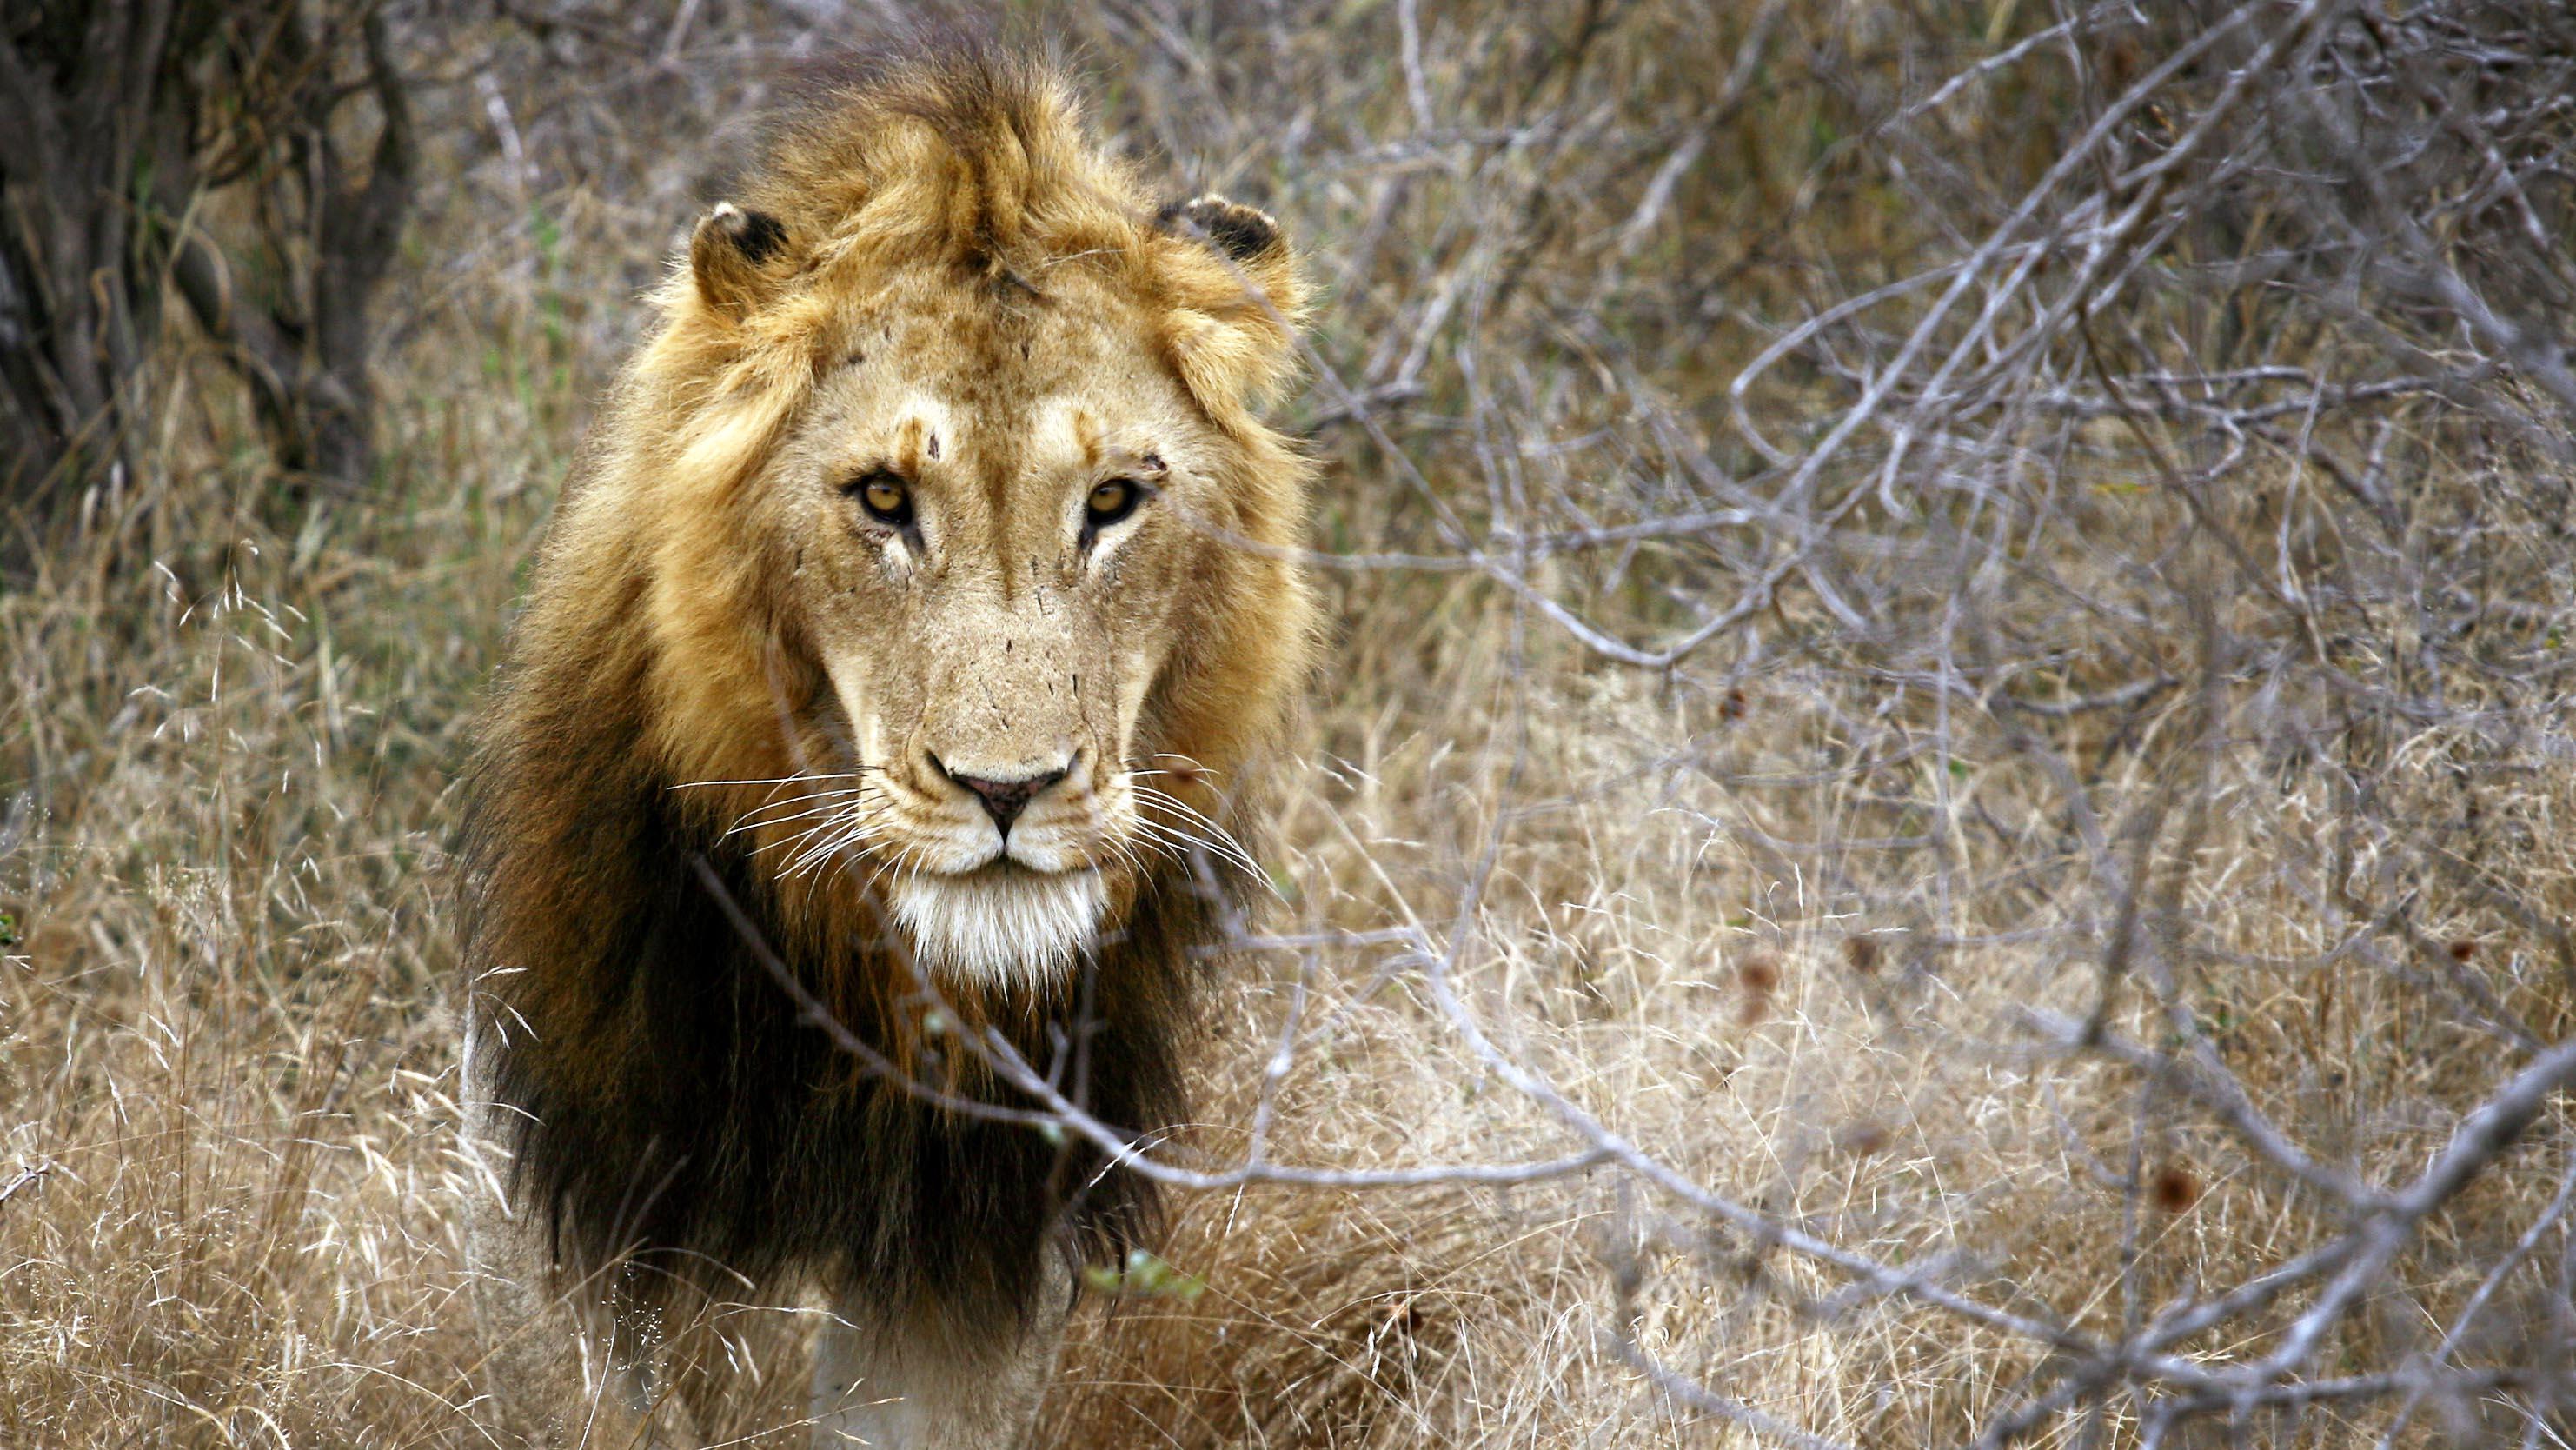 Löwen in australischem Zoo greifen Tierpflegerin an